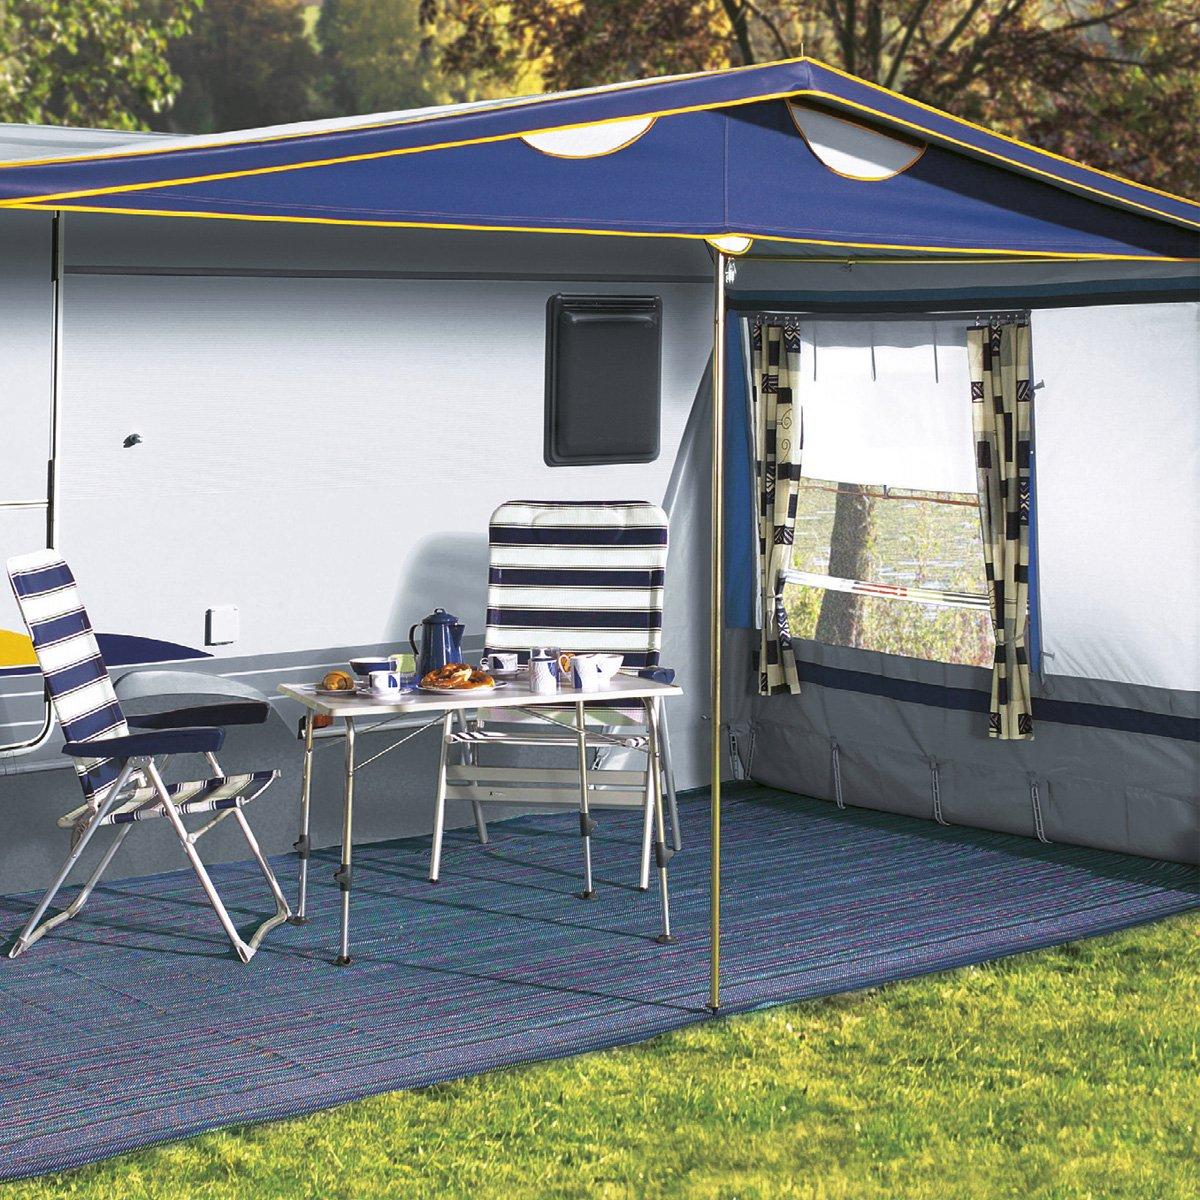 Siehe Beschreibung Vorzeltteppich Markisenteppich 250x200 GRAU Zeltteppich Zeltunterlage Outdoor Camping Vorzelt Teppich Campingteppich Vorzeltboden Zeltboden Terasse XL Picknickdecke Poolunterlage